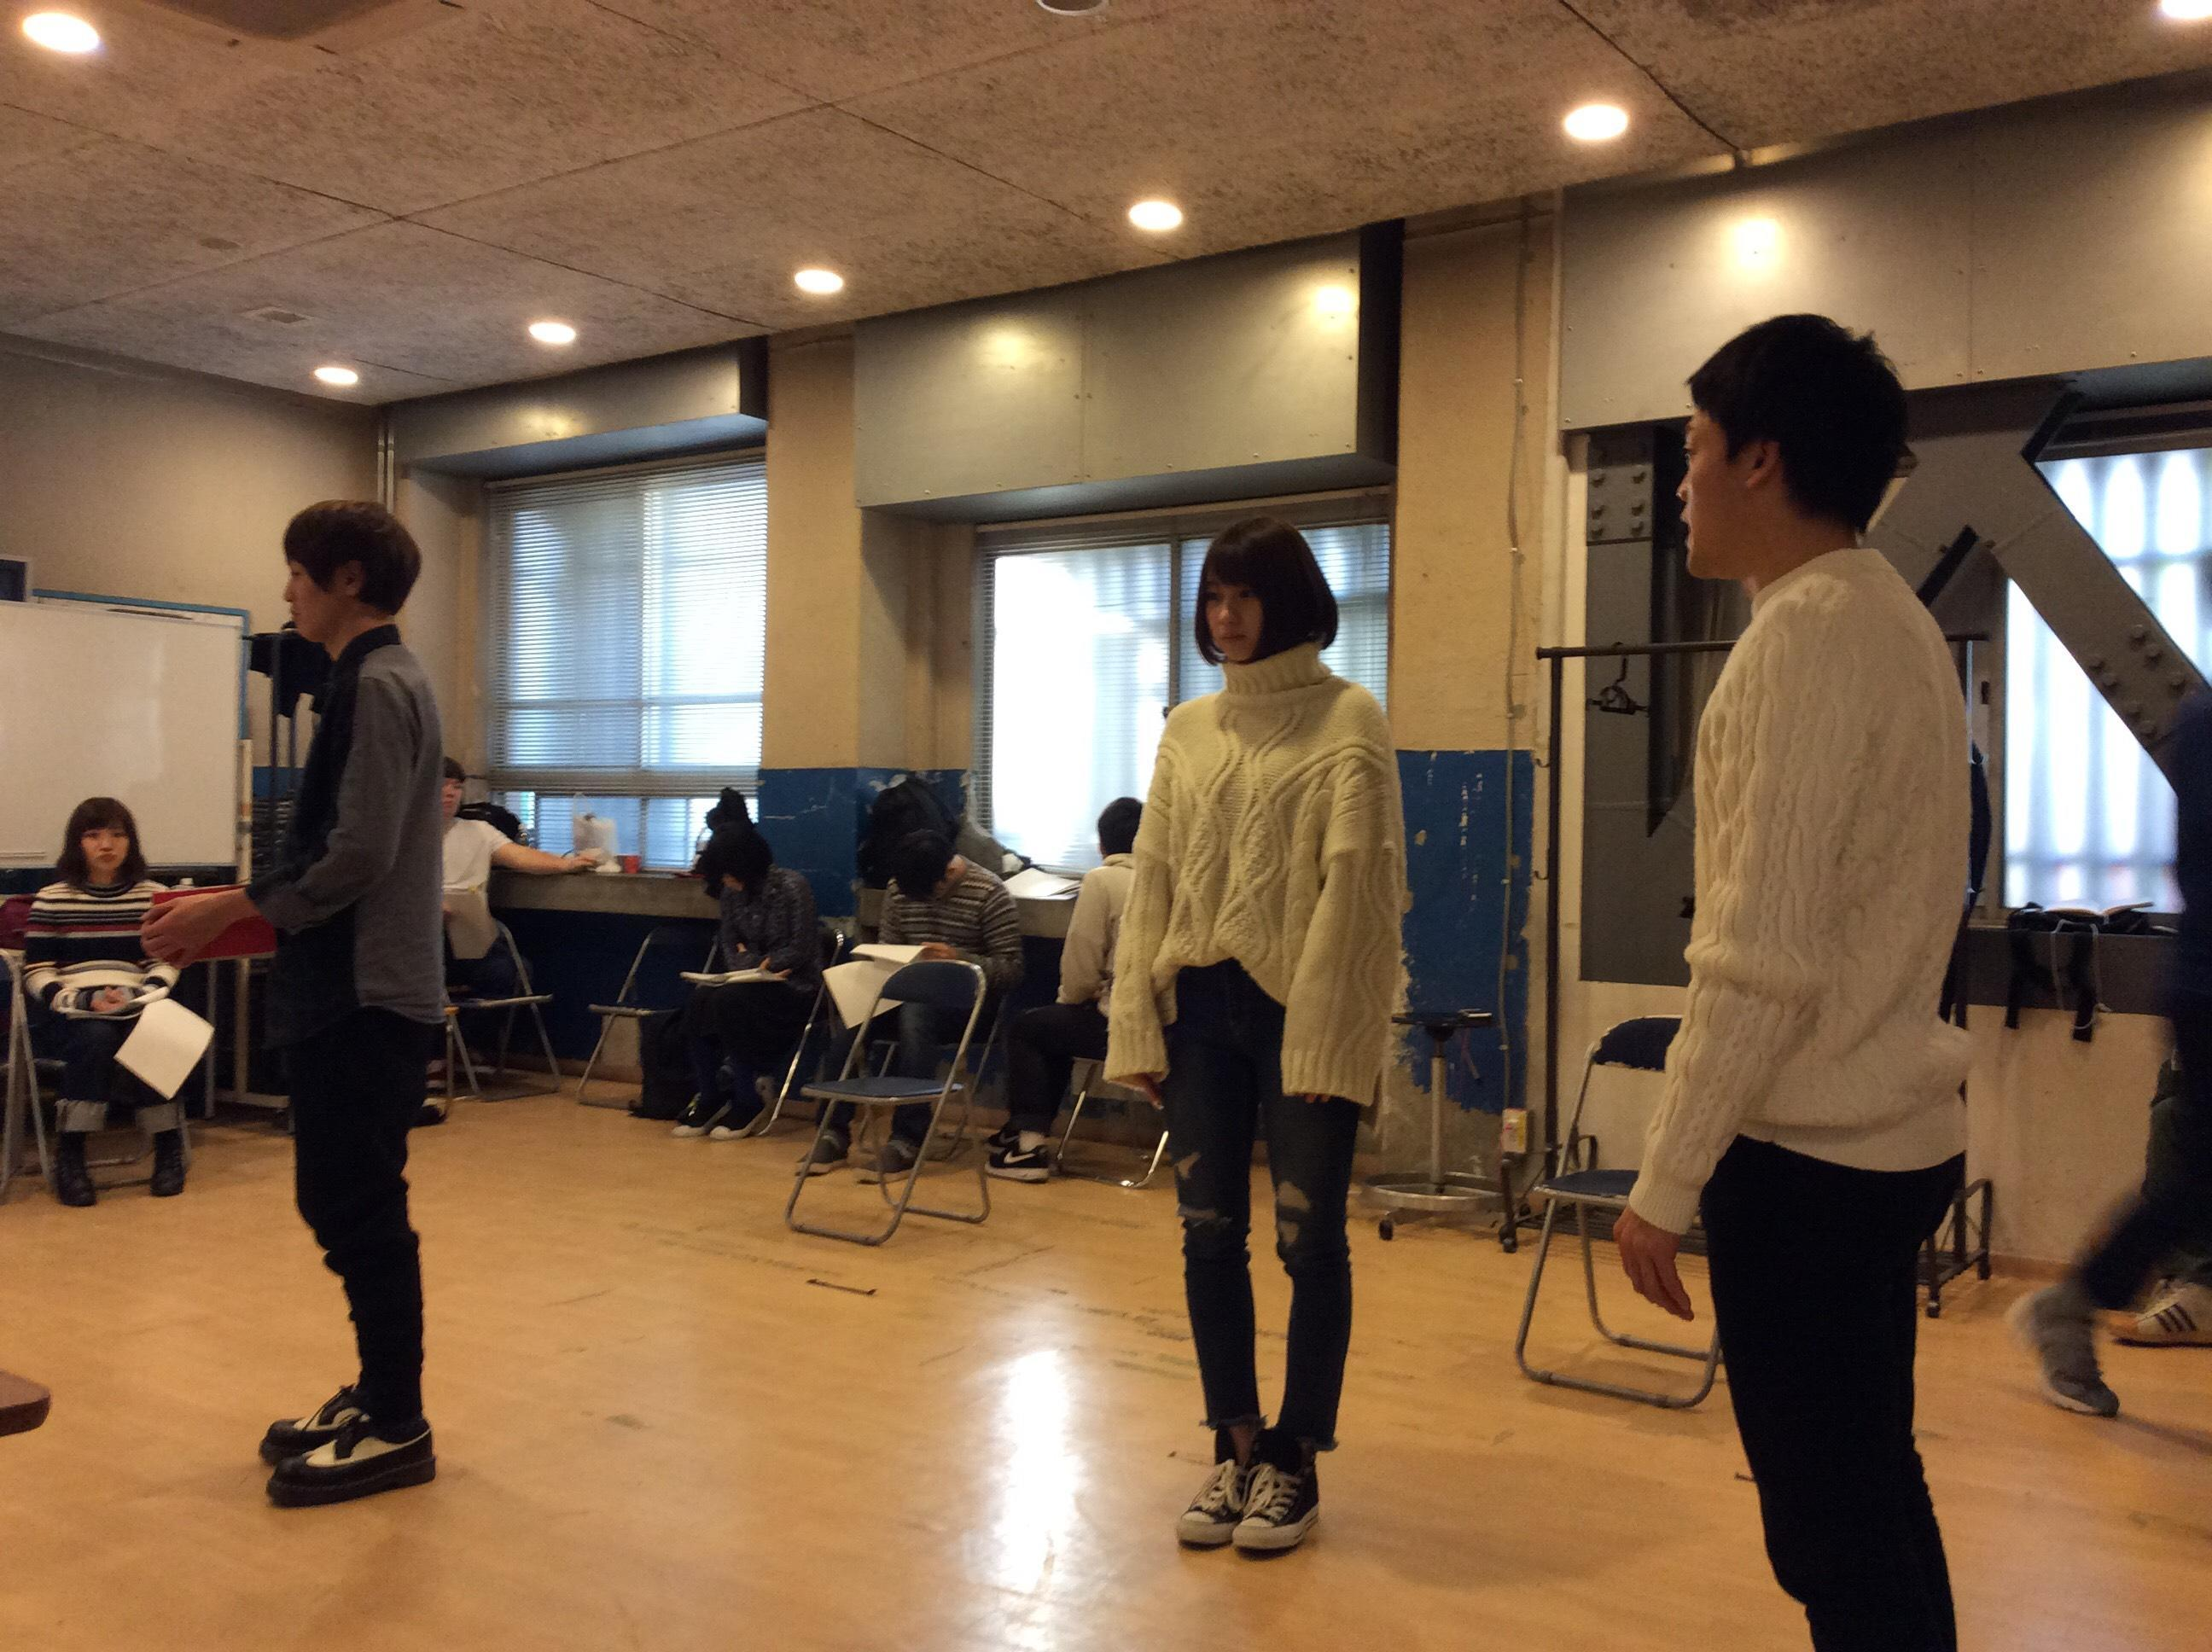 http://news.yoshimoto.co.jp/20161227122325-fa72c010f1aaf55abbafc97cee49edb6fc54f1a6.jpg